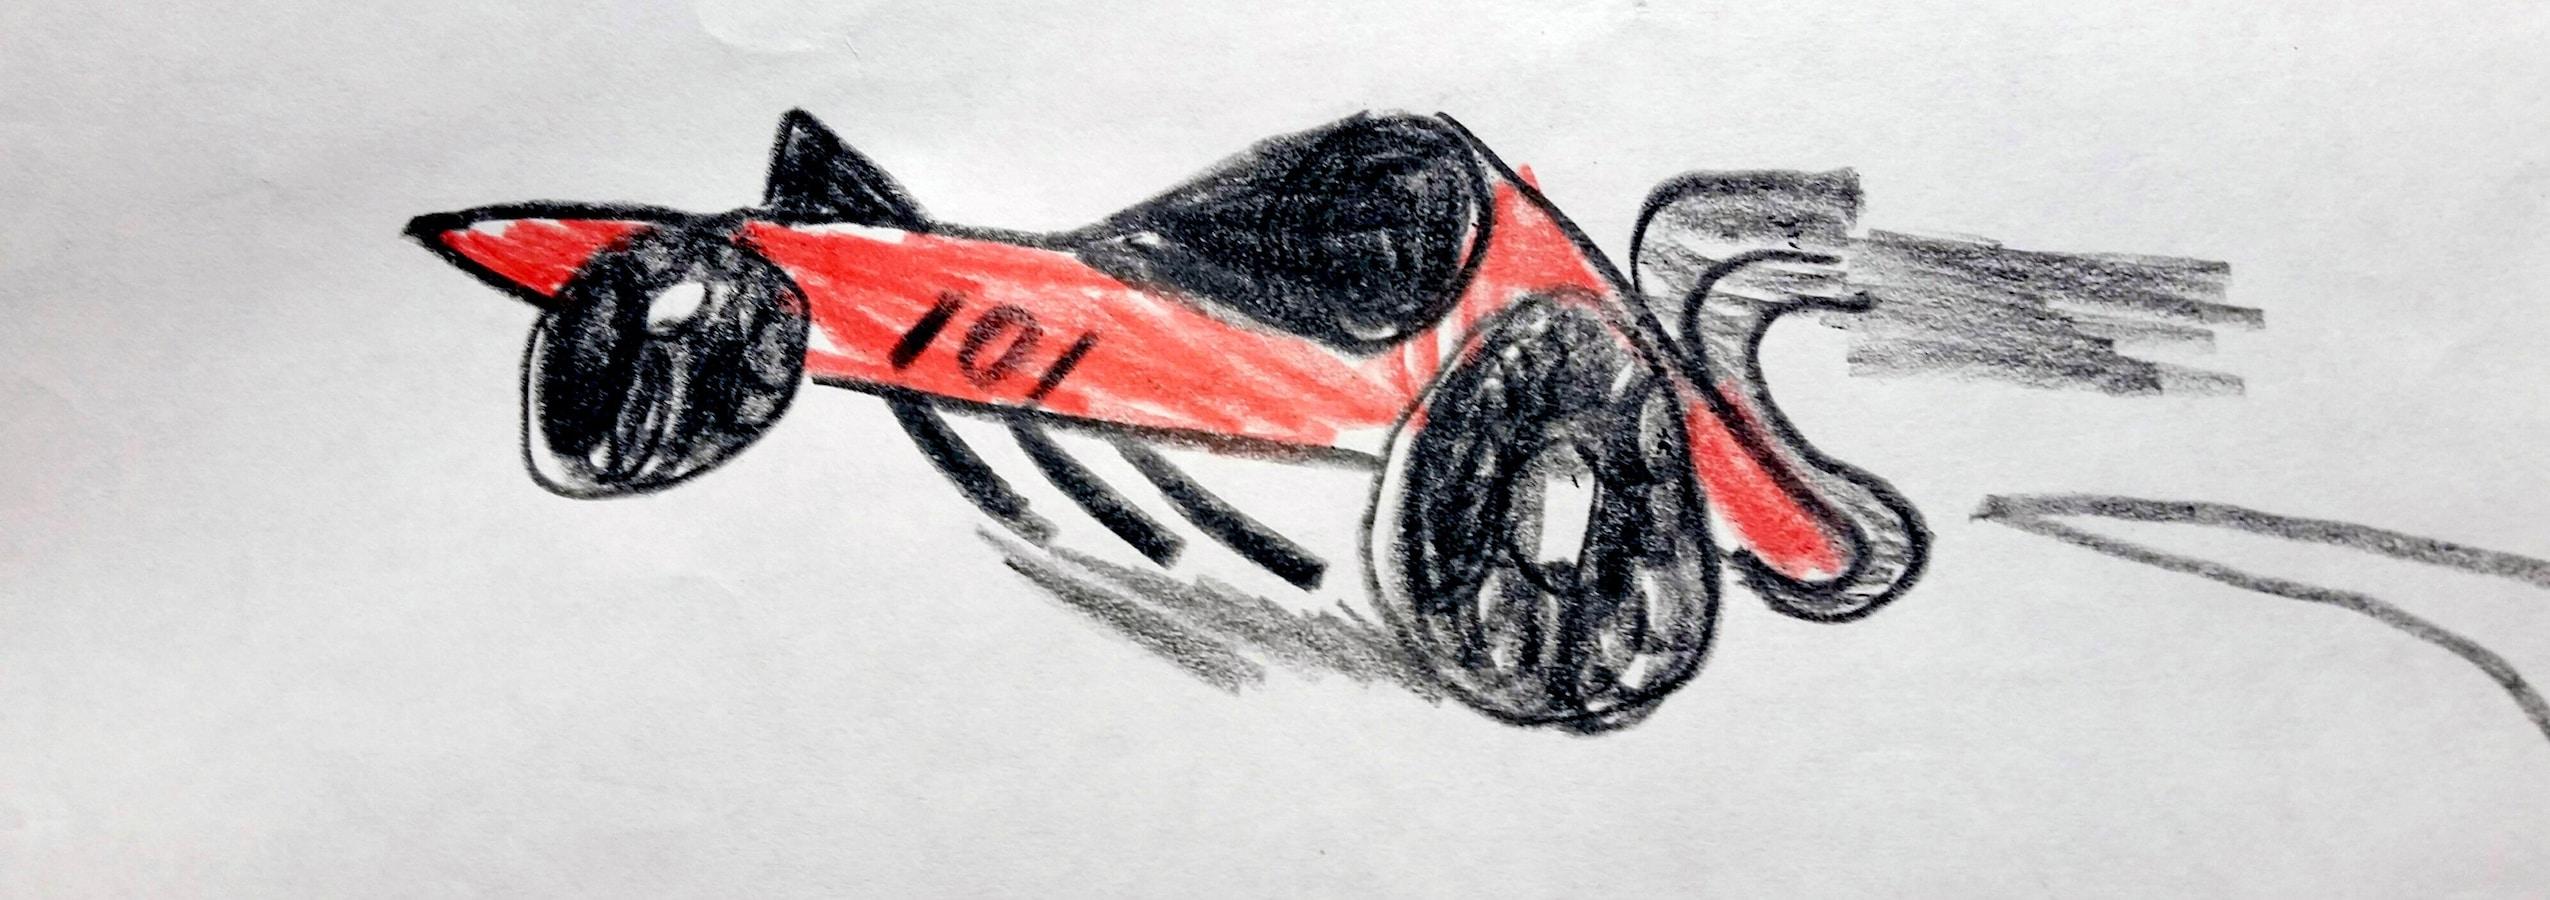 La photo montre le dessin d'une voiture de course rouge arborant le numéro 101.